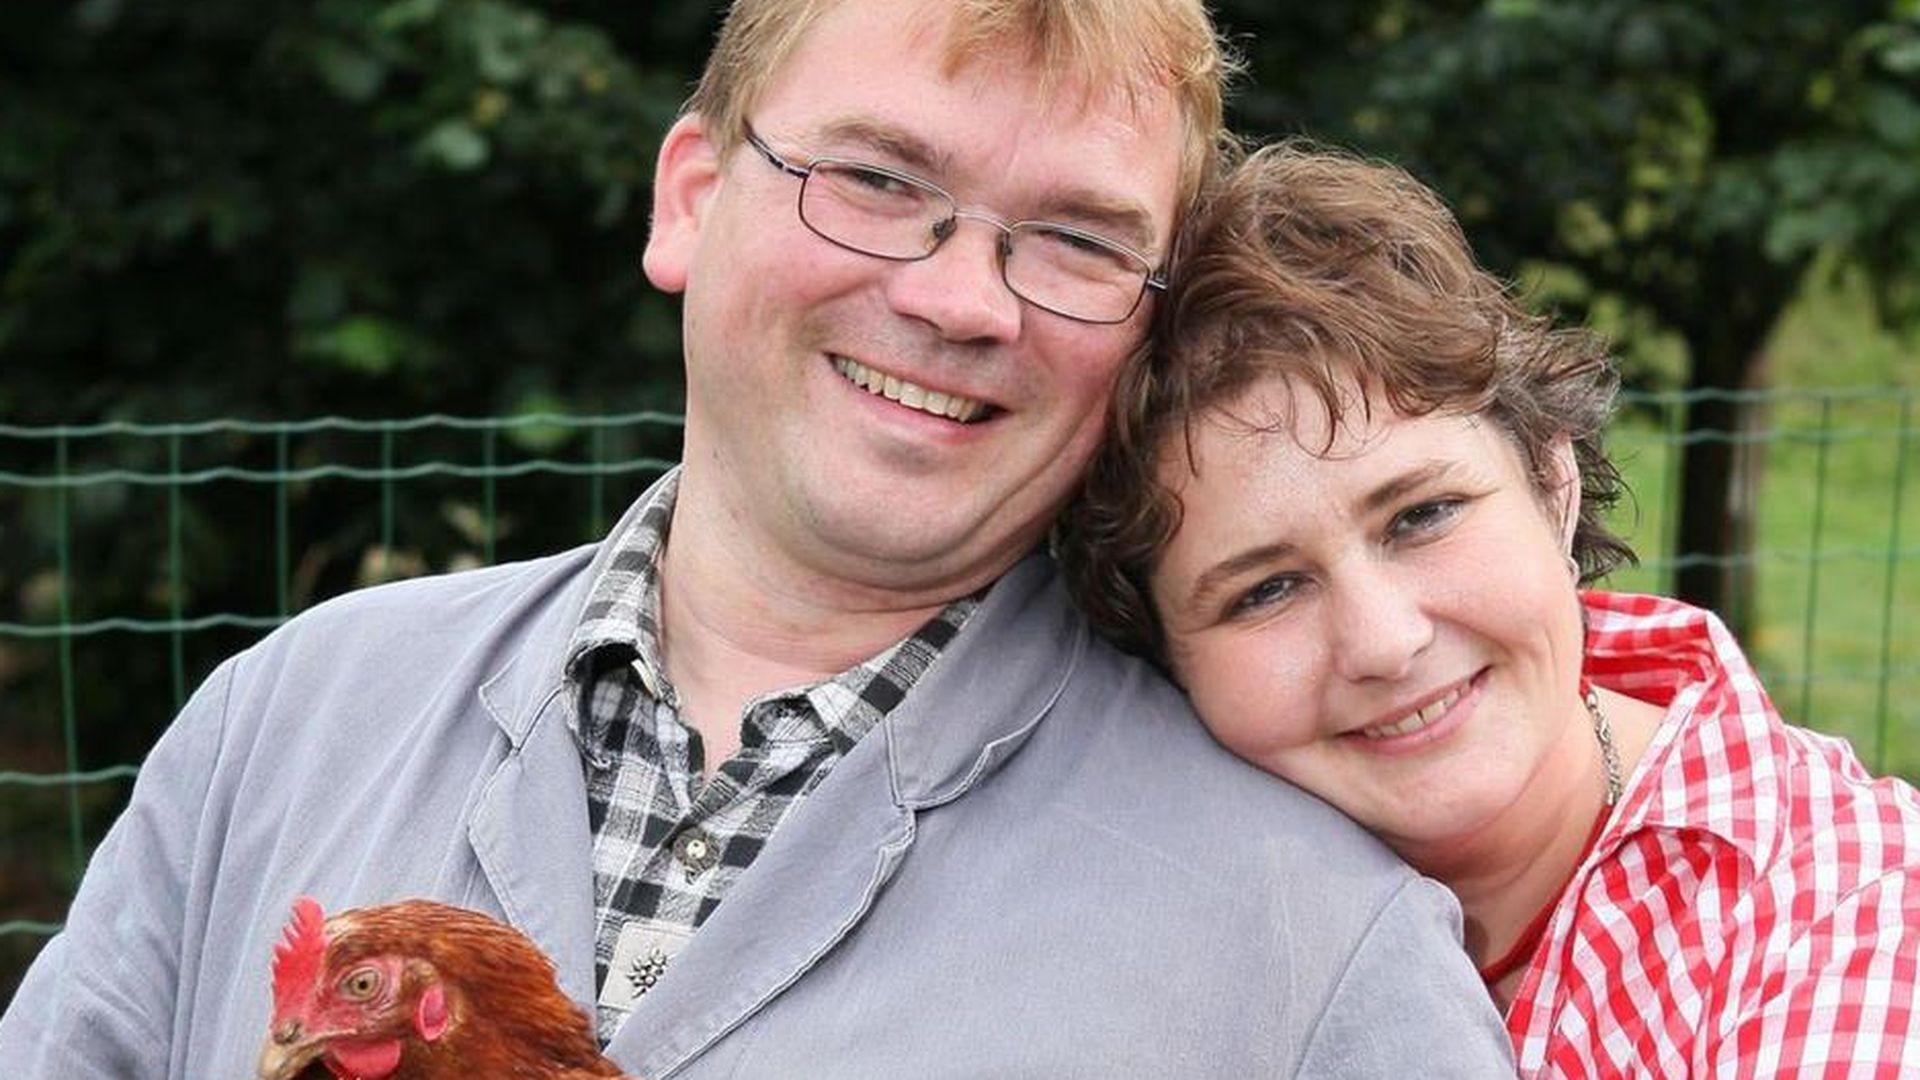 Bauer sucht Frau: Willi & Karola haben geheiratet! | Promiflash.de